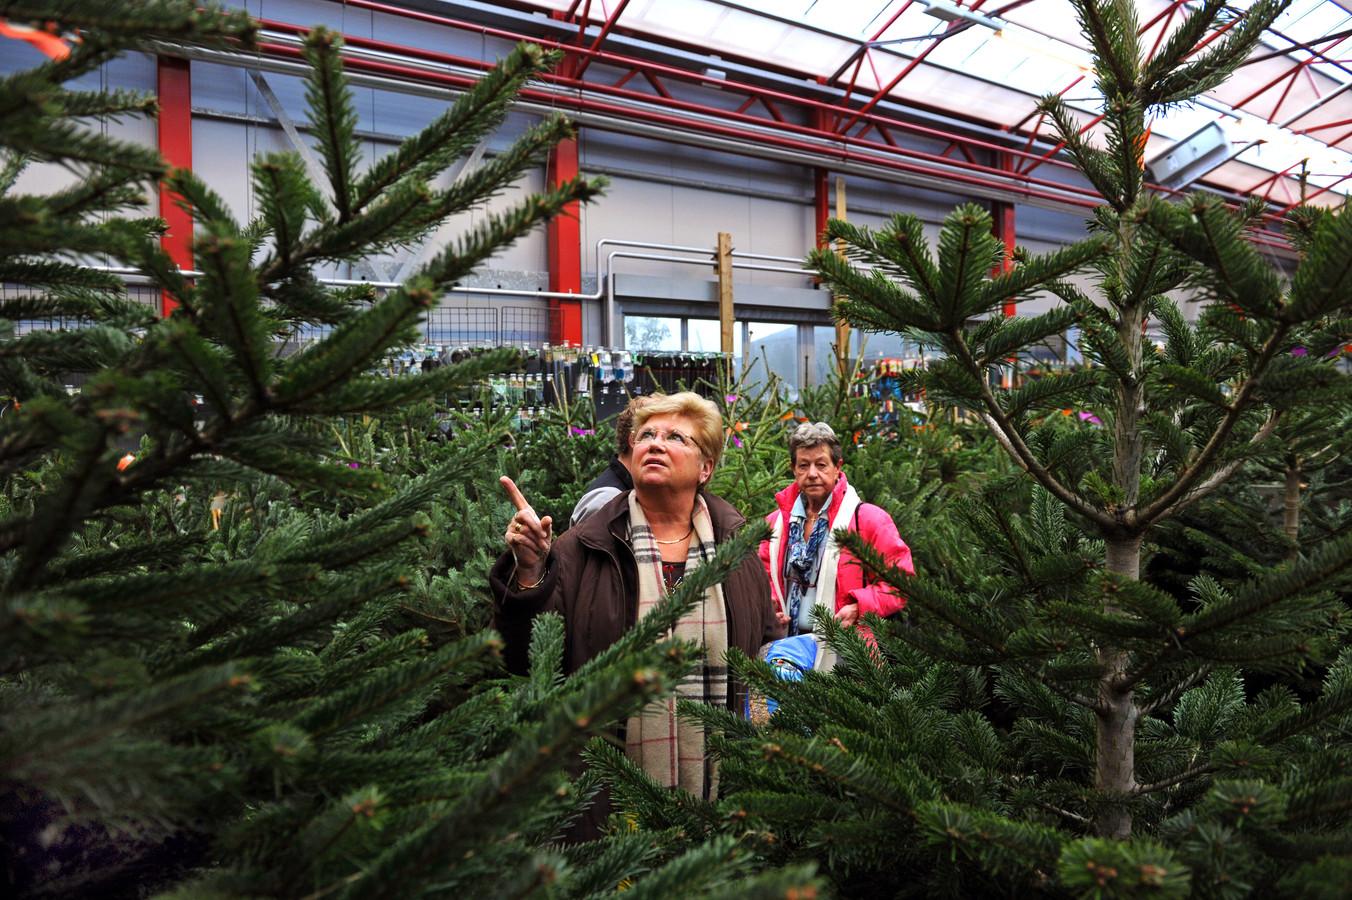 Postbode Bezorgt Voor Een Tientje De Kerstboom Aan Huis Binnenland